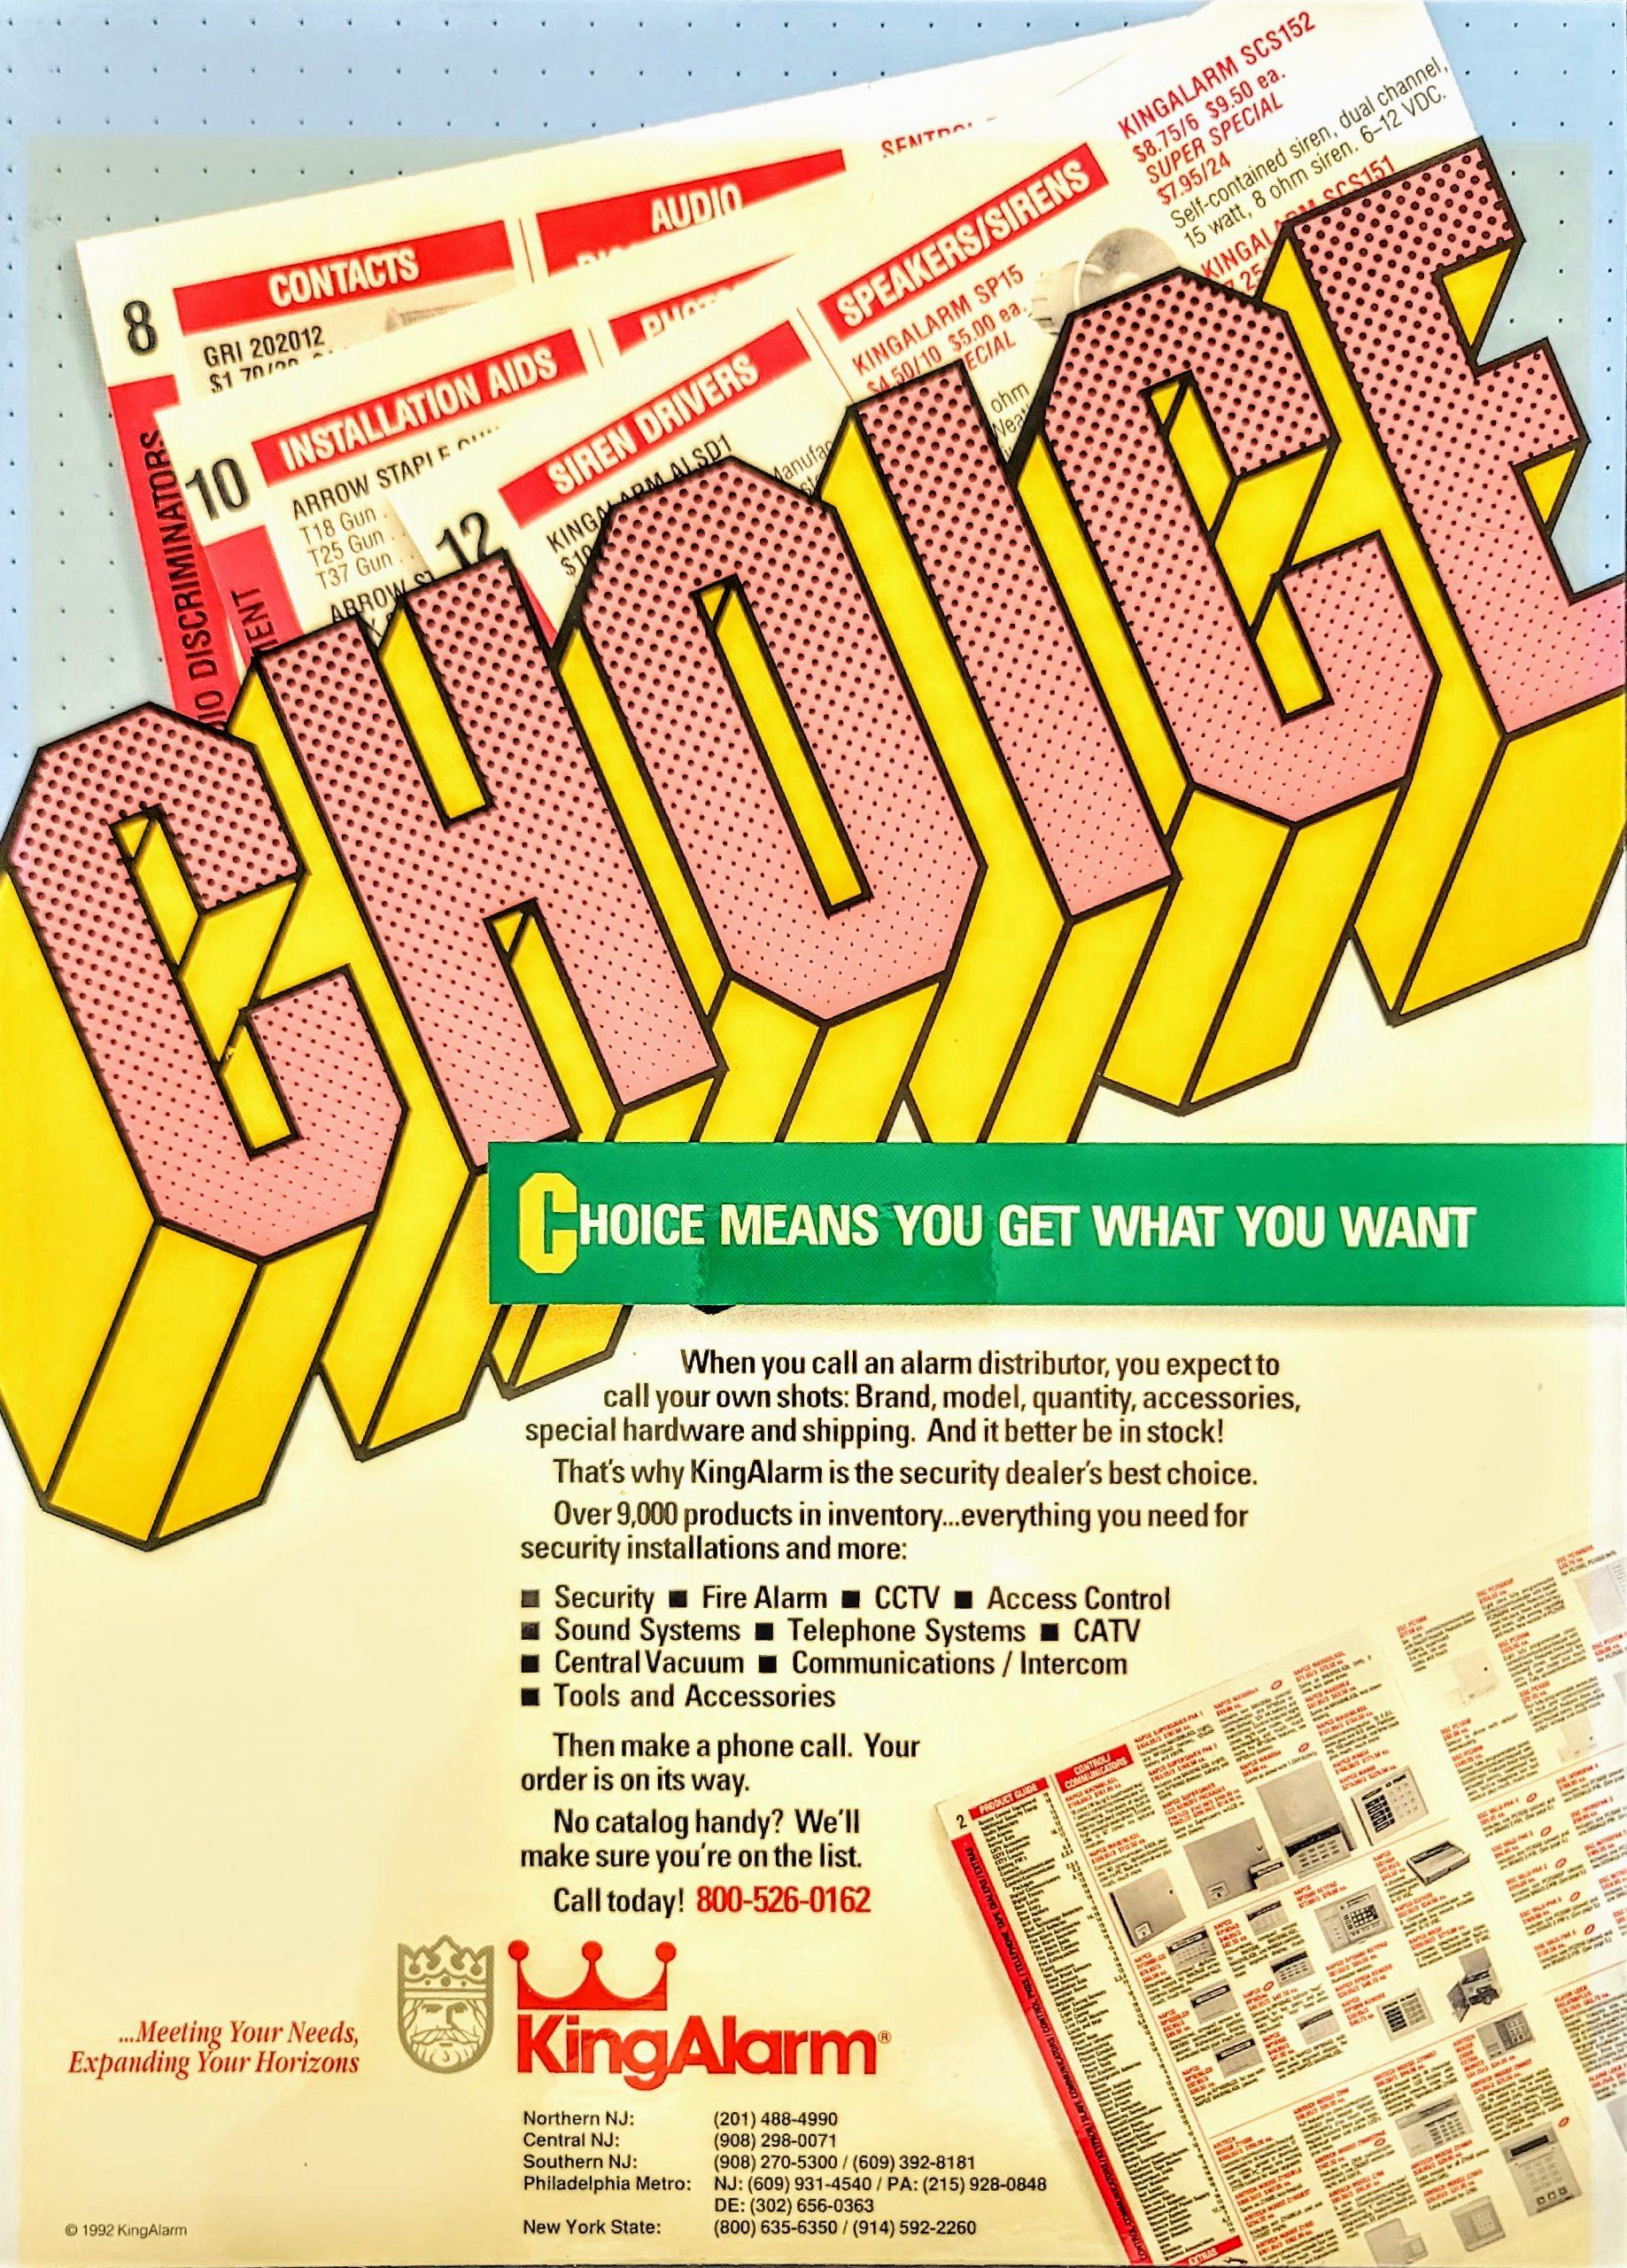 kingalarm_ad_choice_17